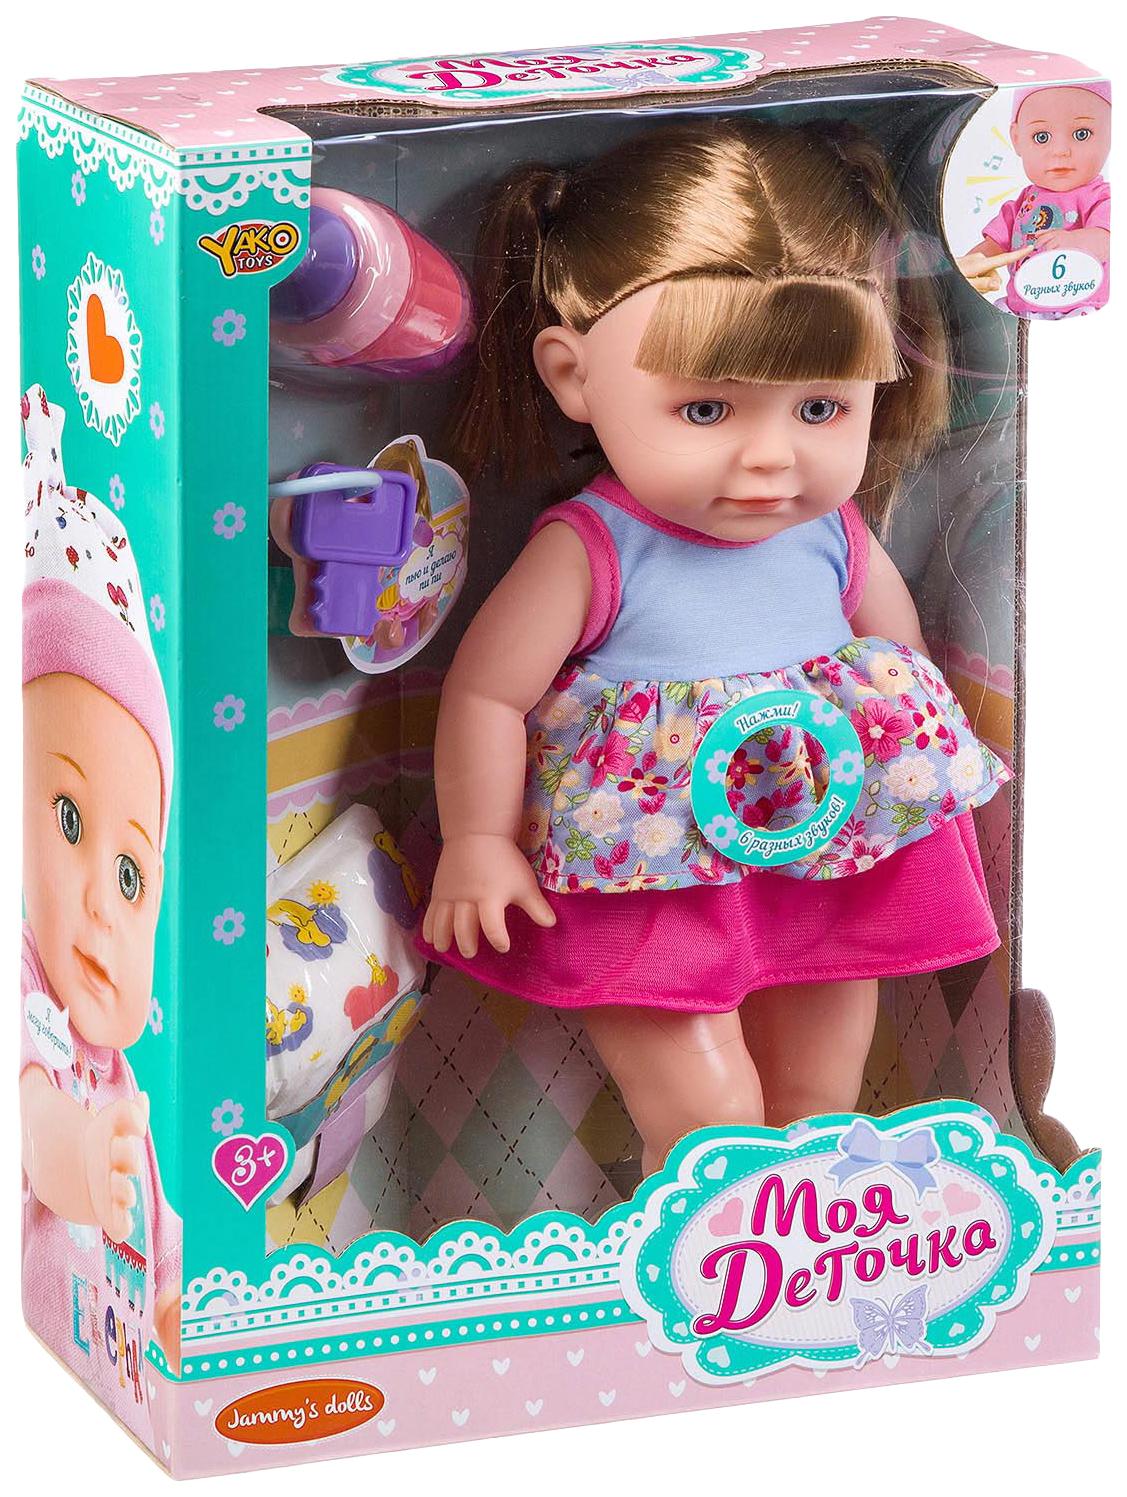 Купить Кукла функциональная, 36 см (пьёт, писает), озвученная, с аксессуарами, Yako Toys,